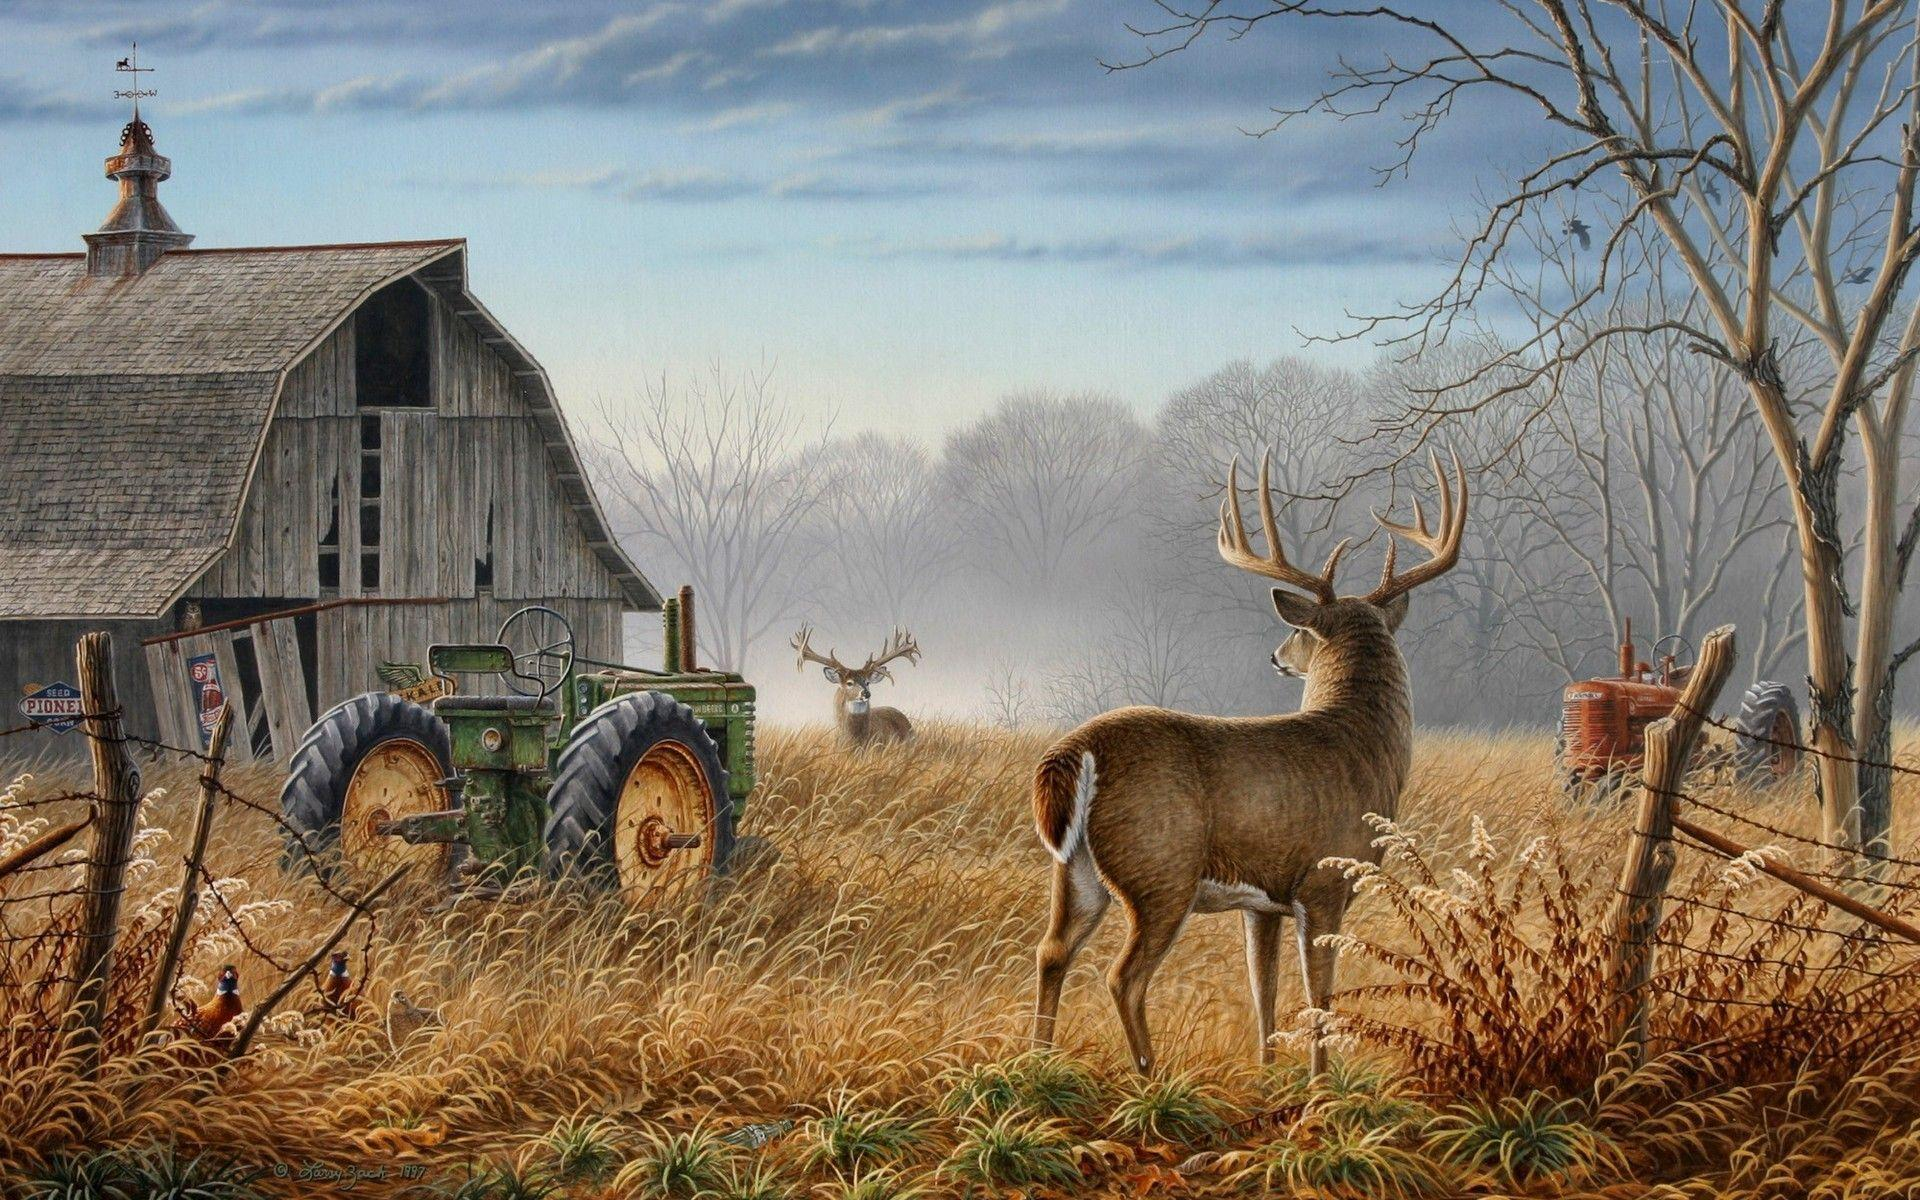 deer wallpaper for my desktop - photo #43